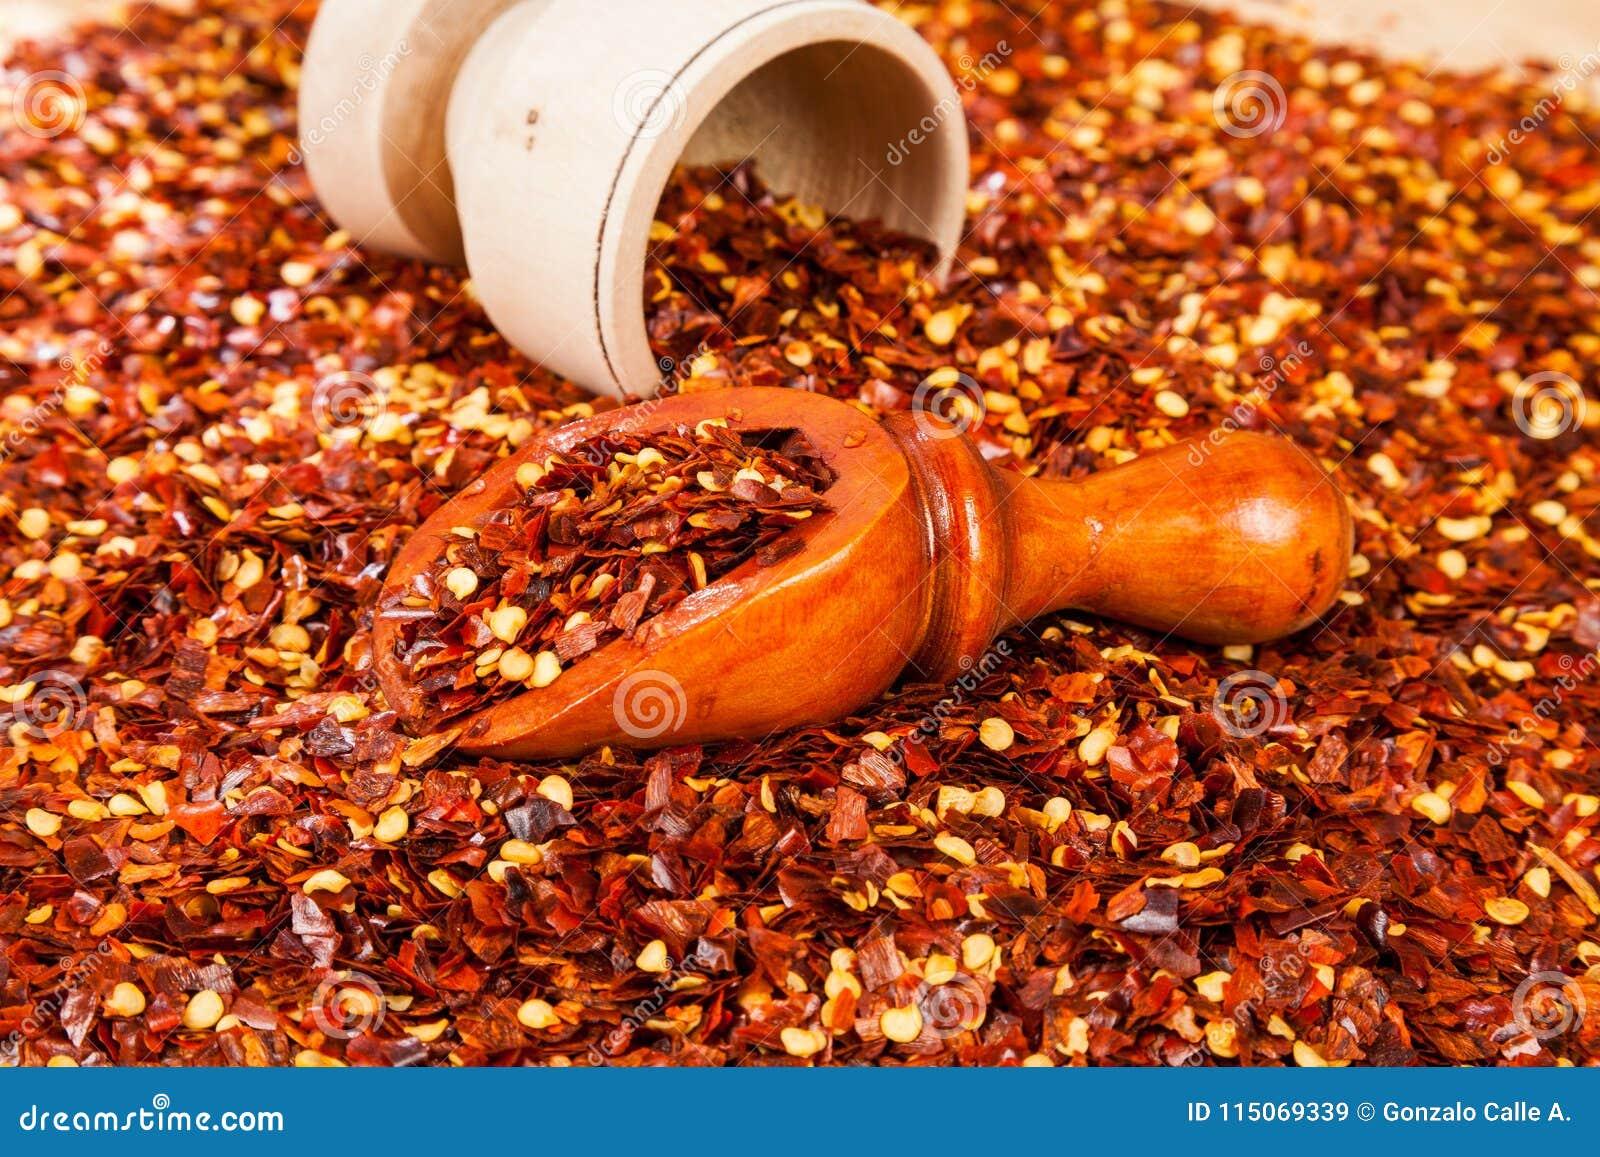 Czerwony pieprz lub Cayenne pieprz miażdżący